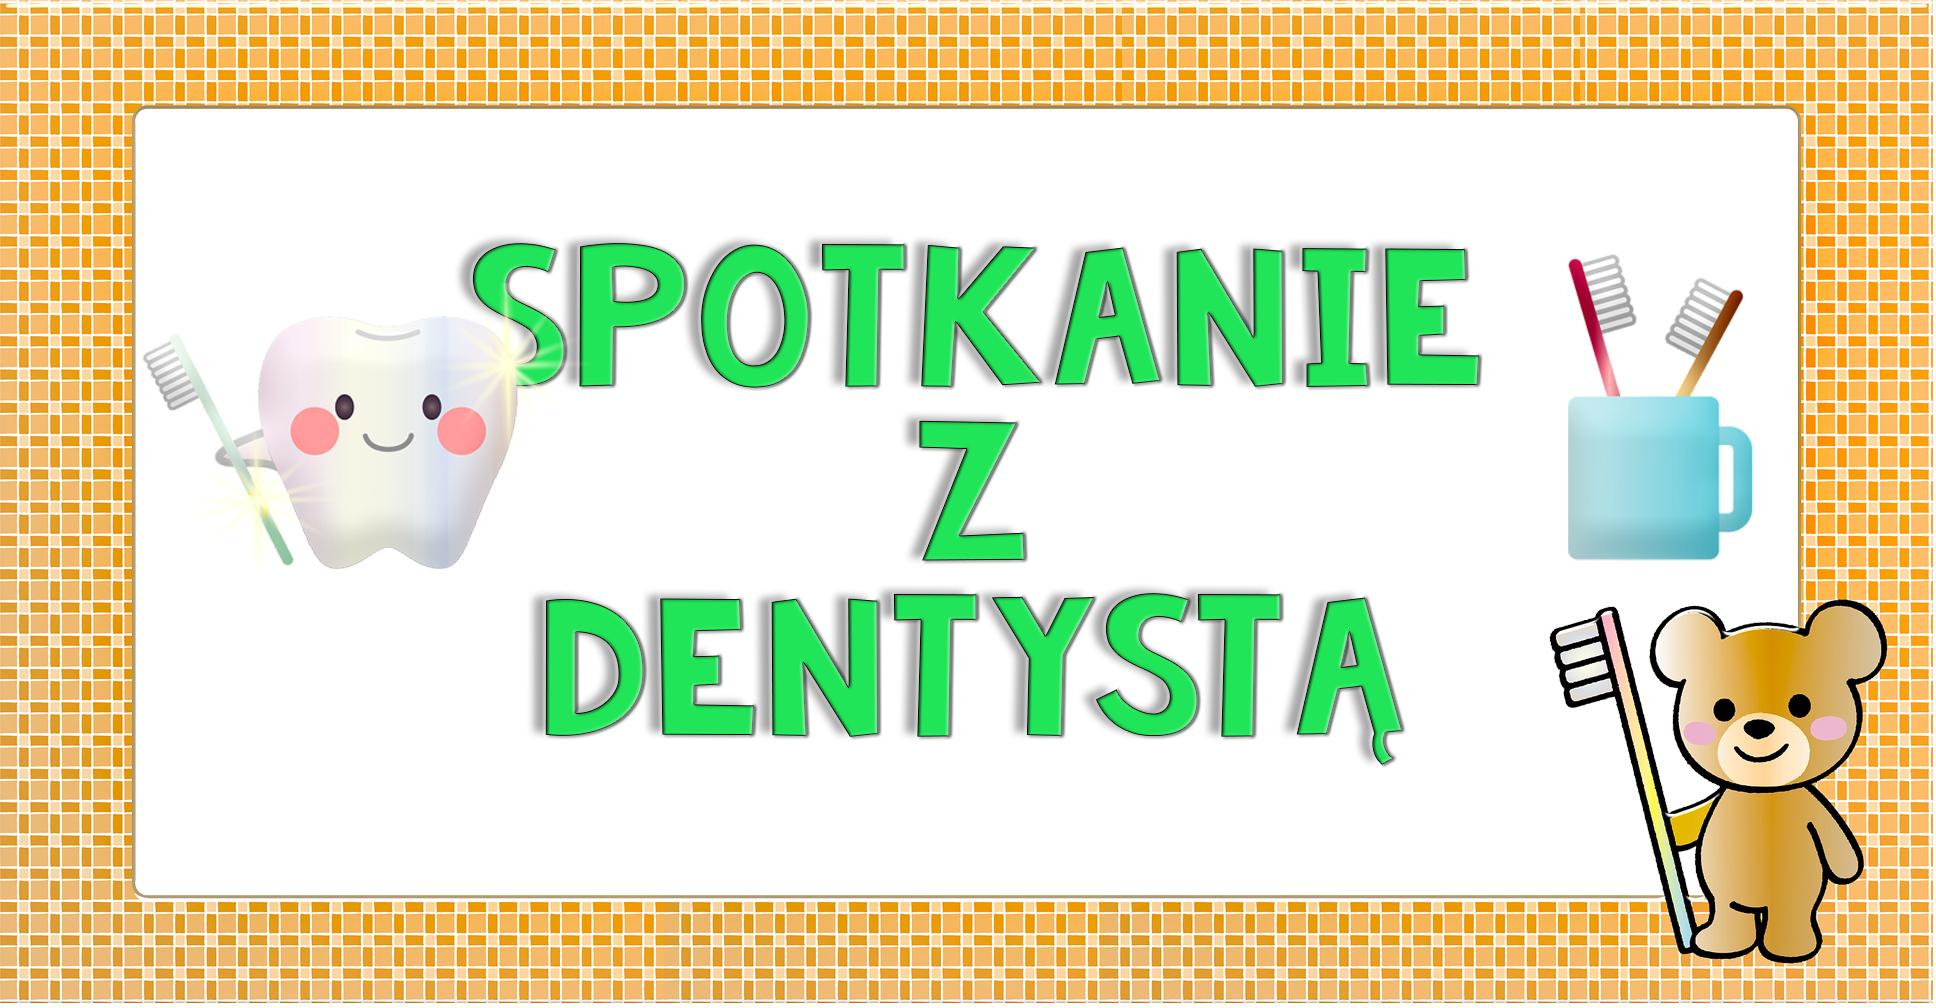 Spotkanie z dentystą